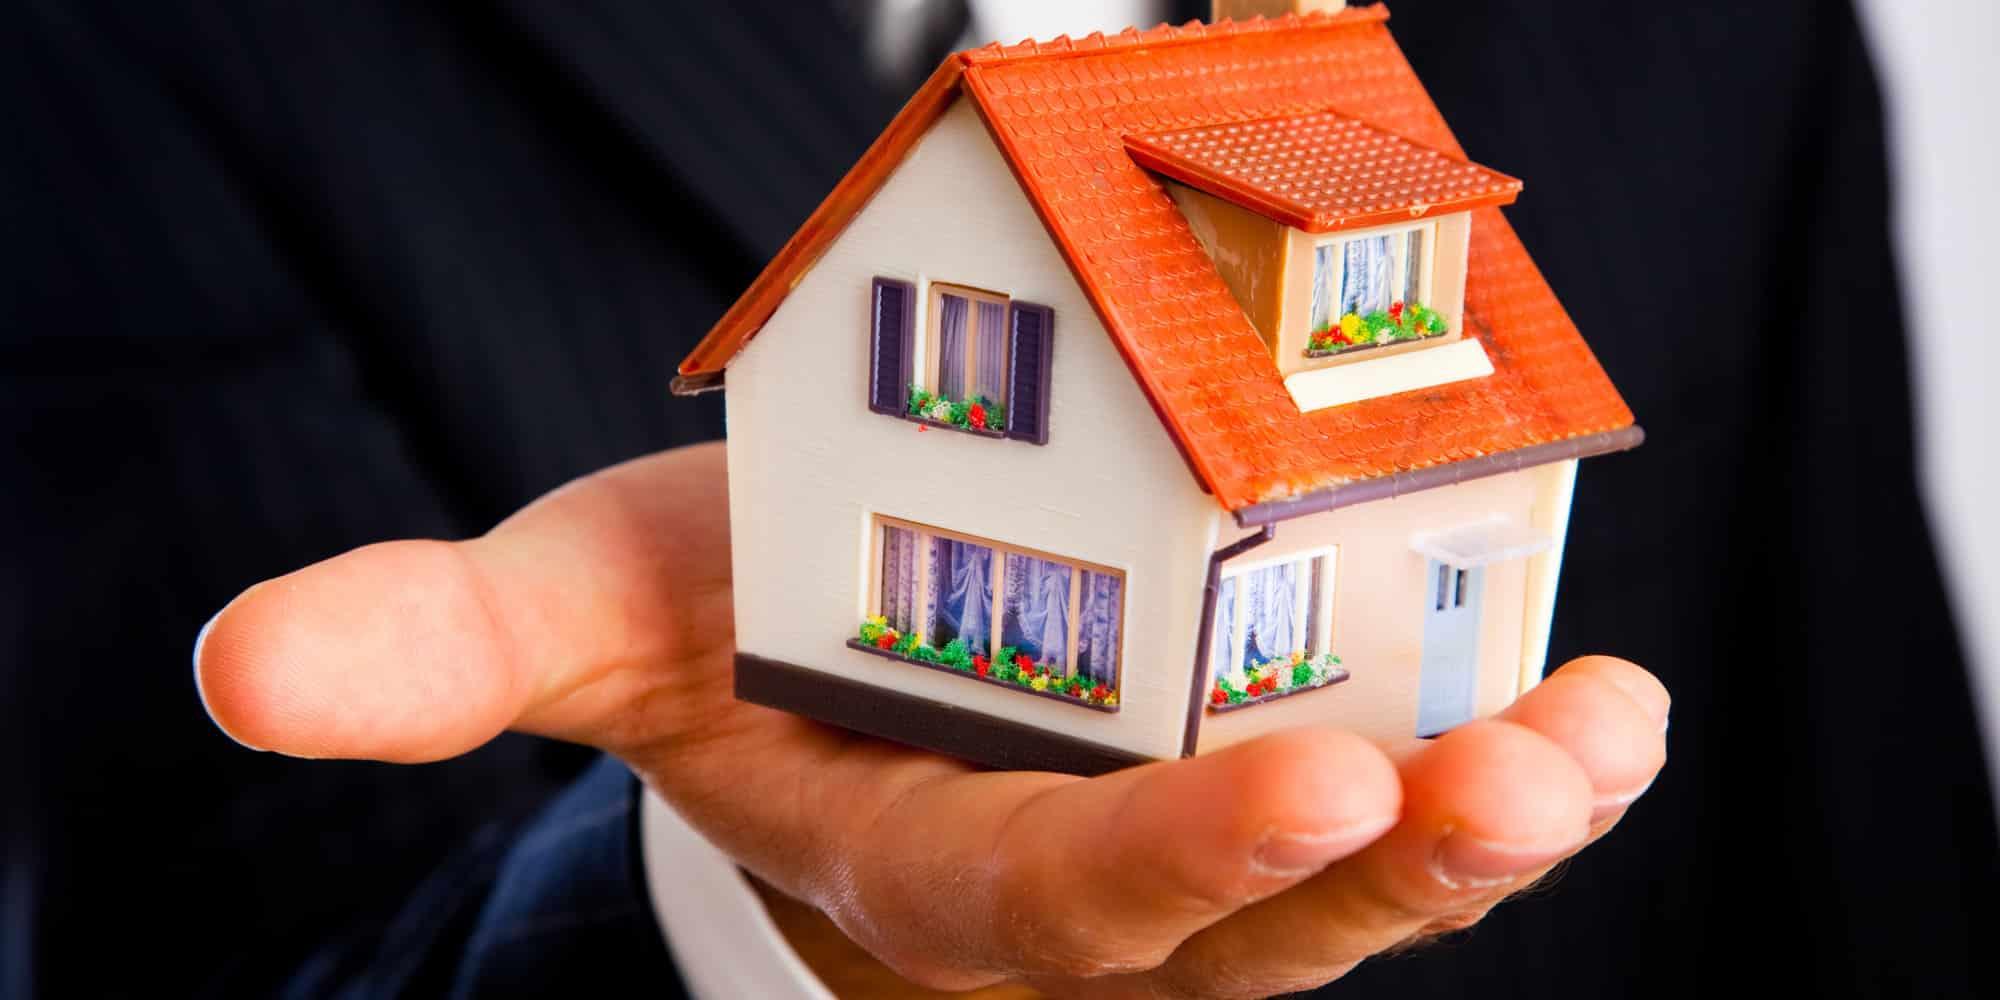 quelques conseils pour obtenir sans difficult un pr t immobilier. Black Bedroom Furniture Sets. Home Design Ideas